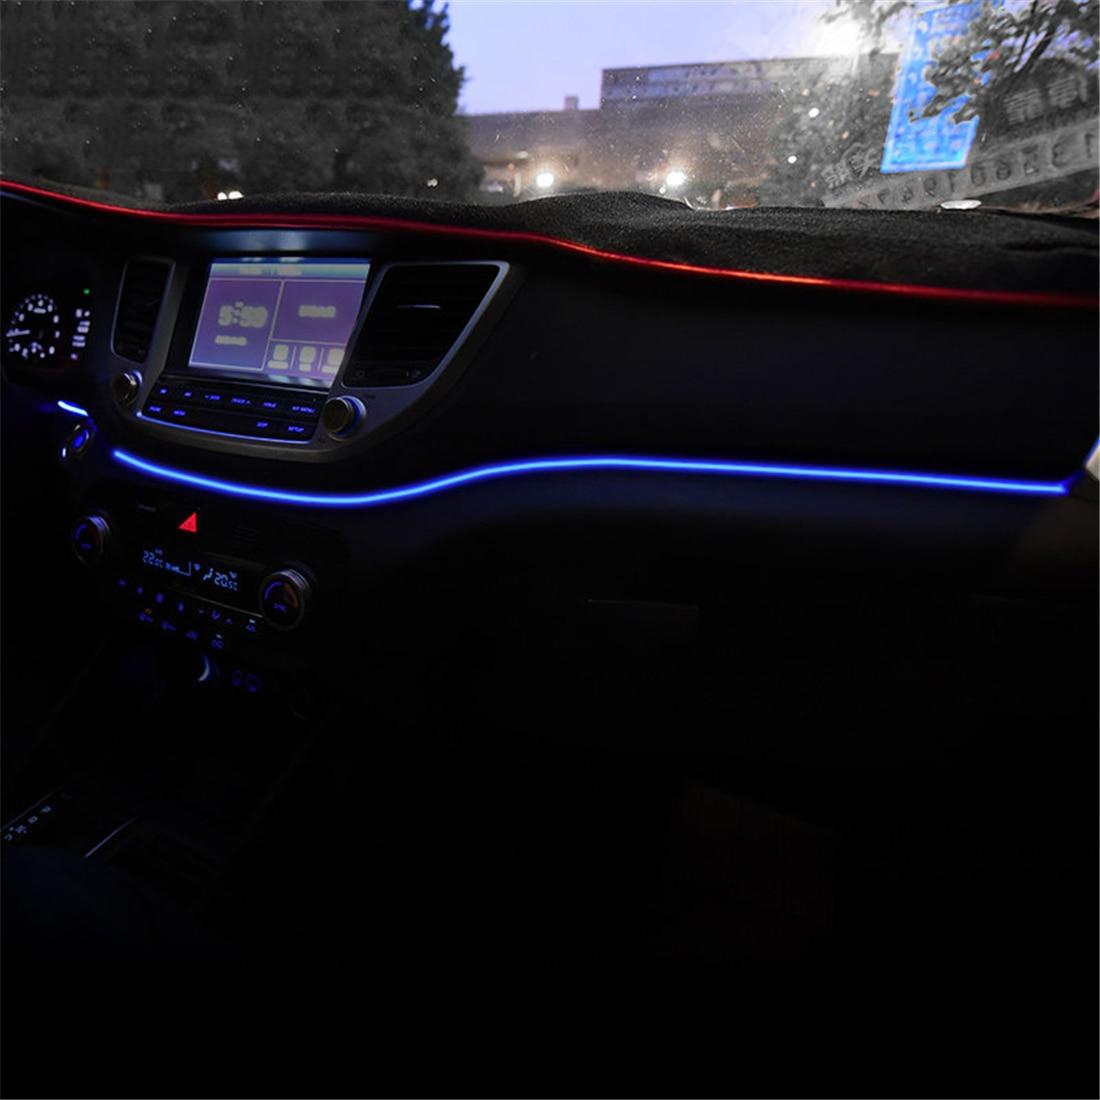 Атмосферный светильник для приборной панели Hyundai Tucson 2015 2016, светодиодный светильник для внутренней панели Tucson 2017 2018